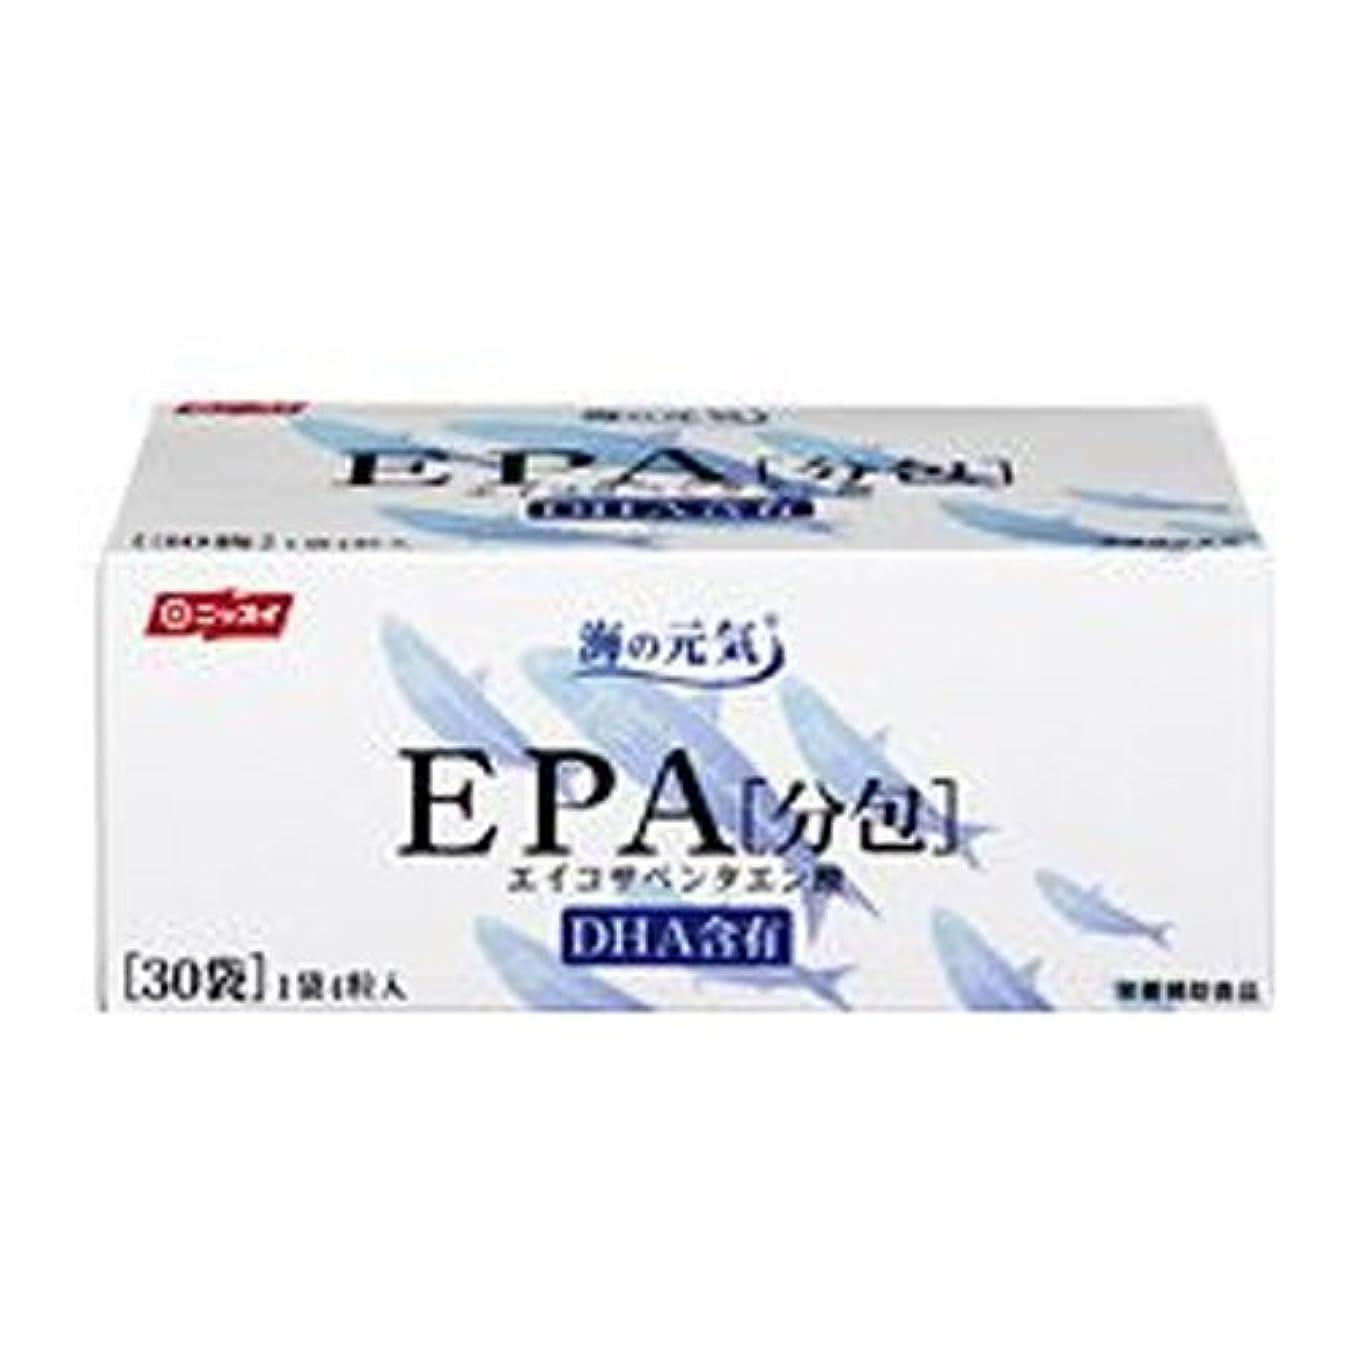 シートモトリー急行するニッスイ 海の元気 EPA 分包30包 EPA サプリメント(DHA含有)